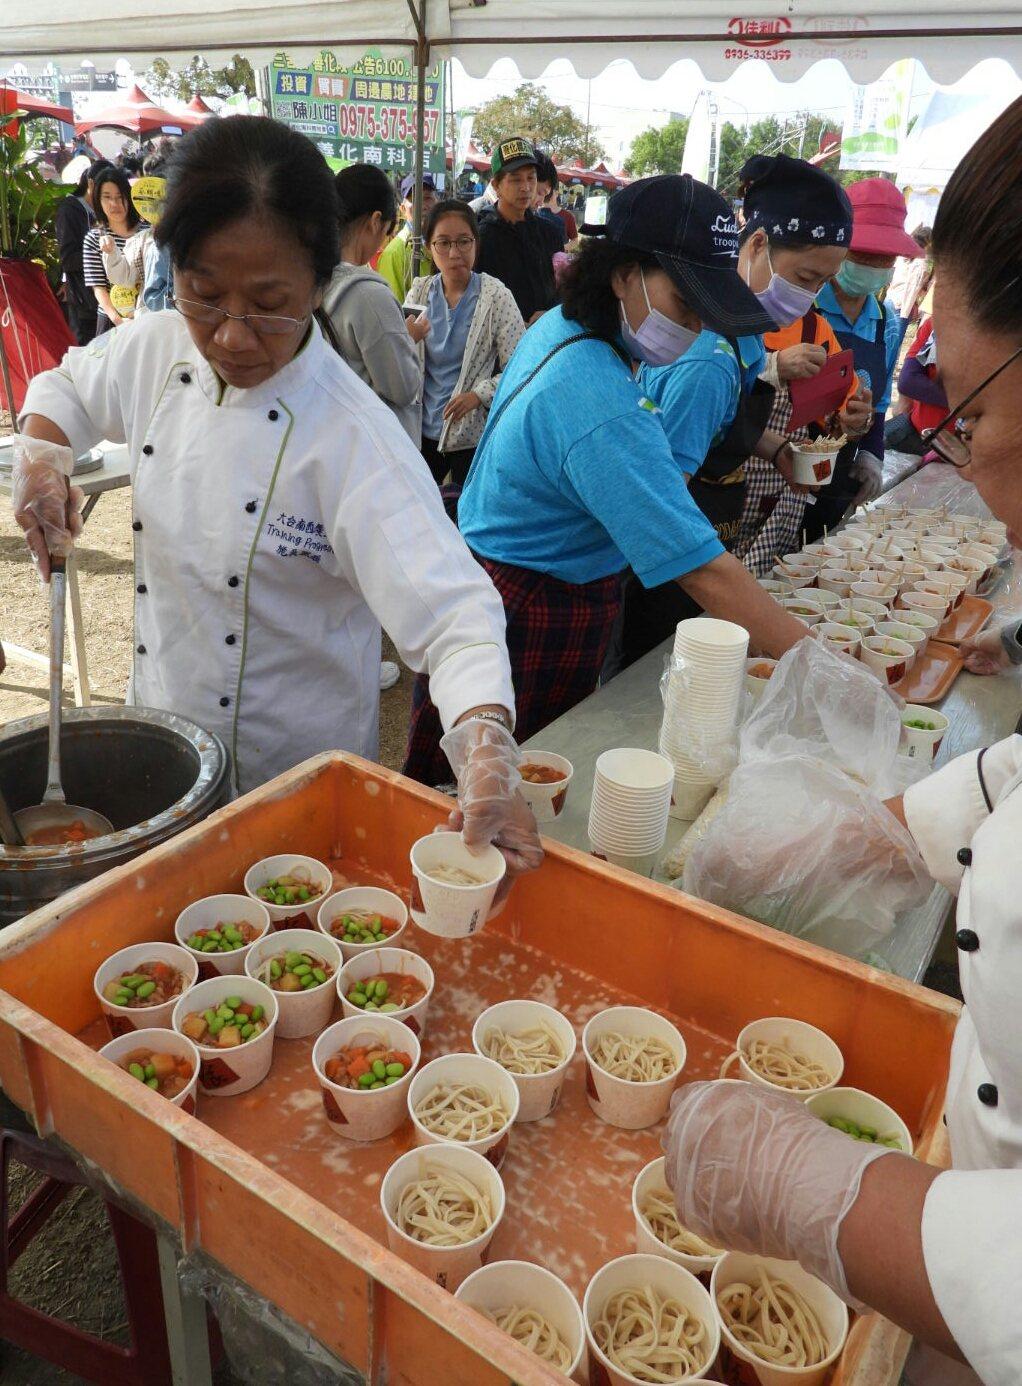 台南新市毛豆節嘉年華登場,品嚐活動吸引大批民眾參加。記者周宗禎/攝影